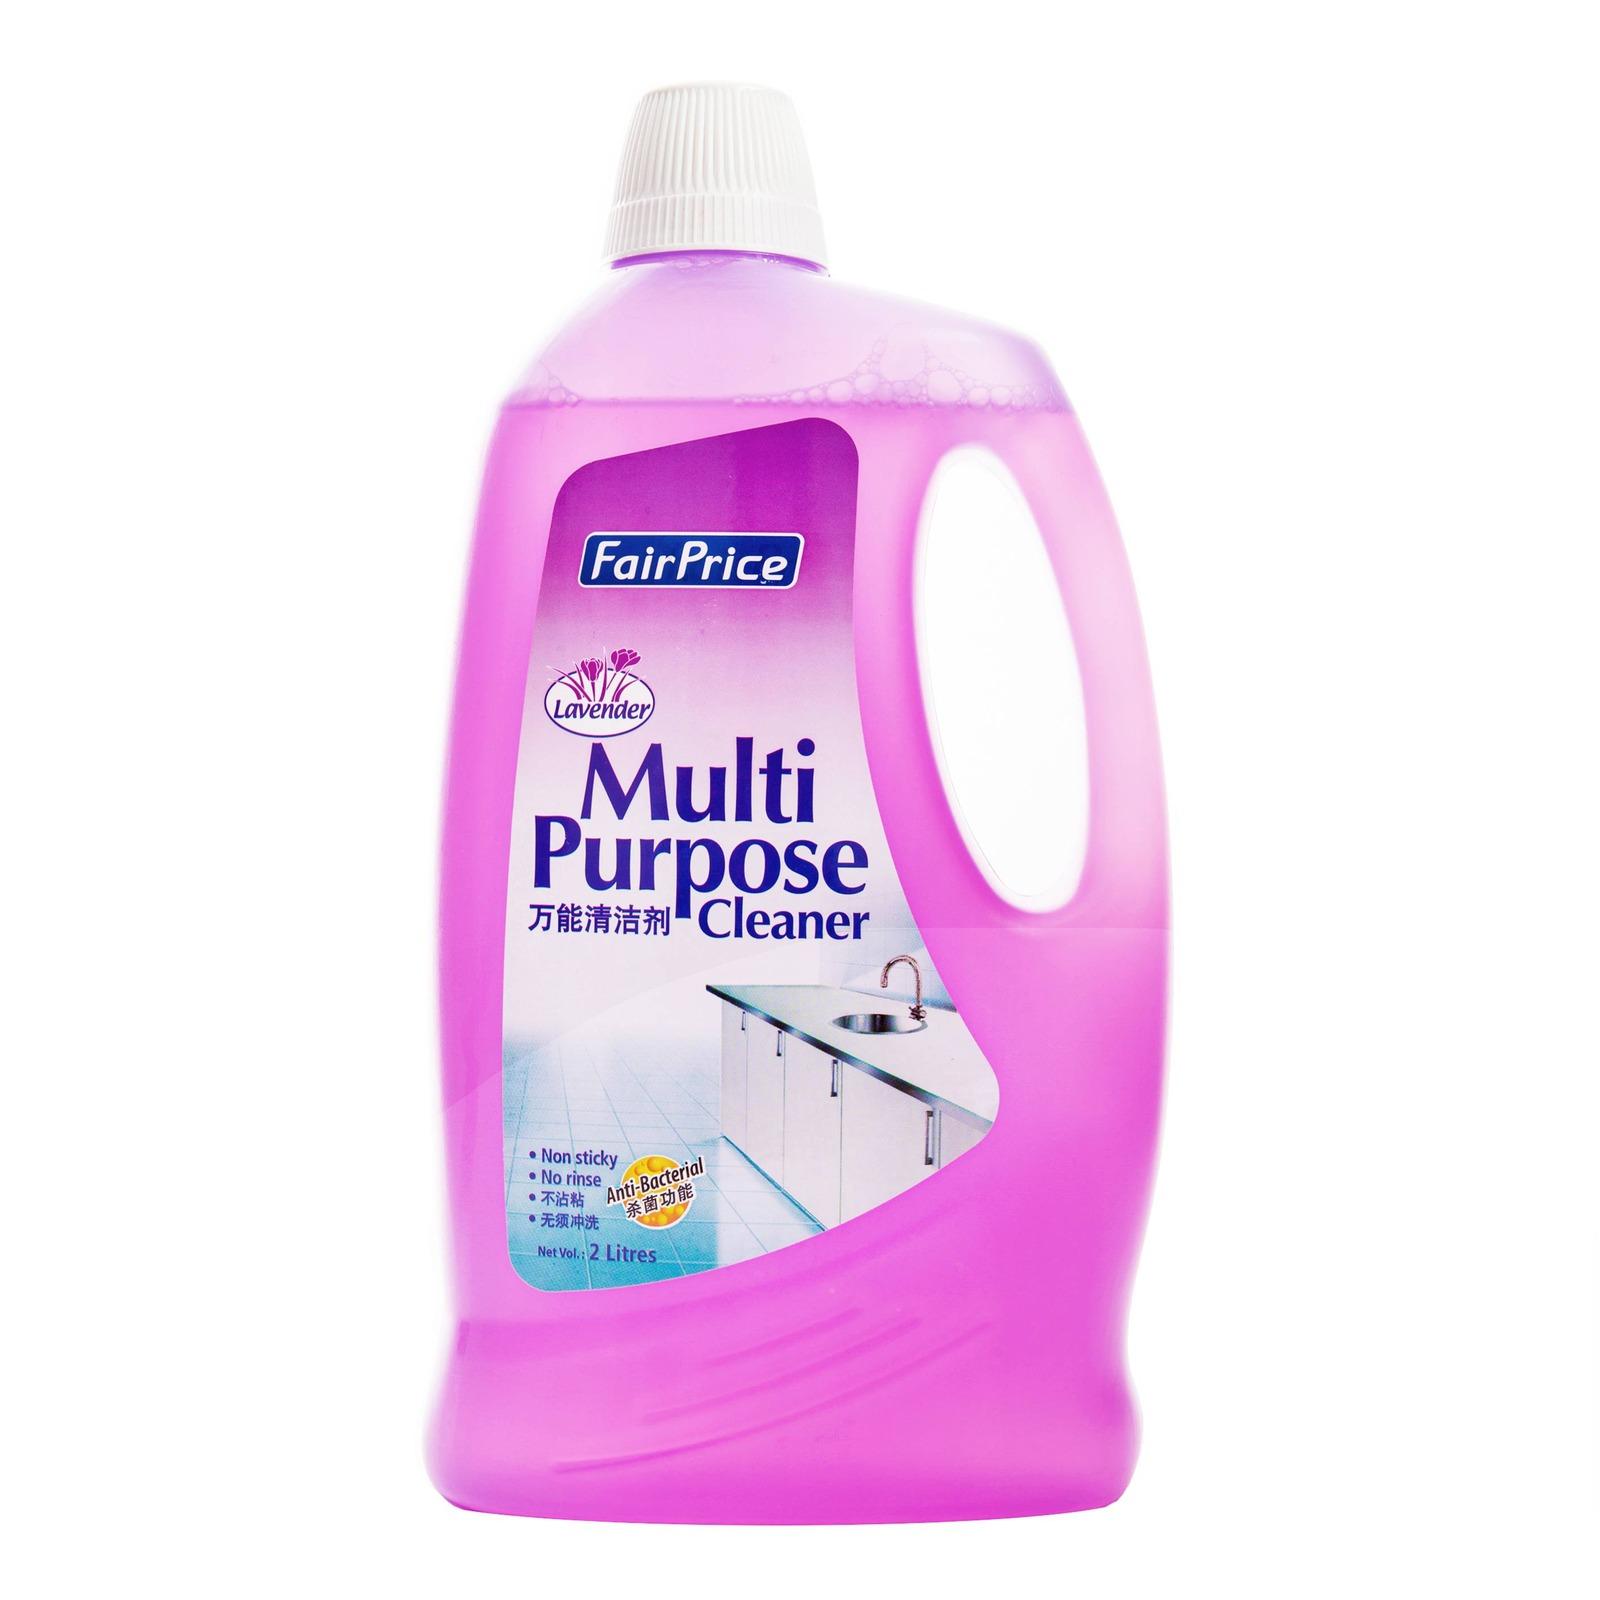 FairPrice Multi Purpose Cleaner - Lavender